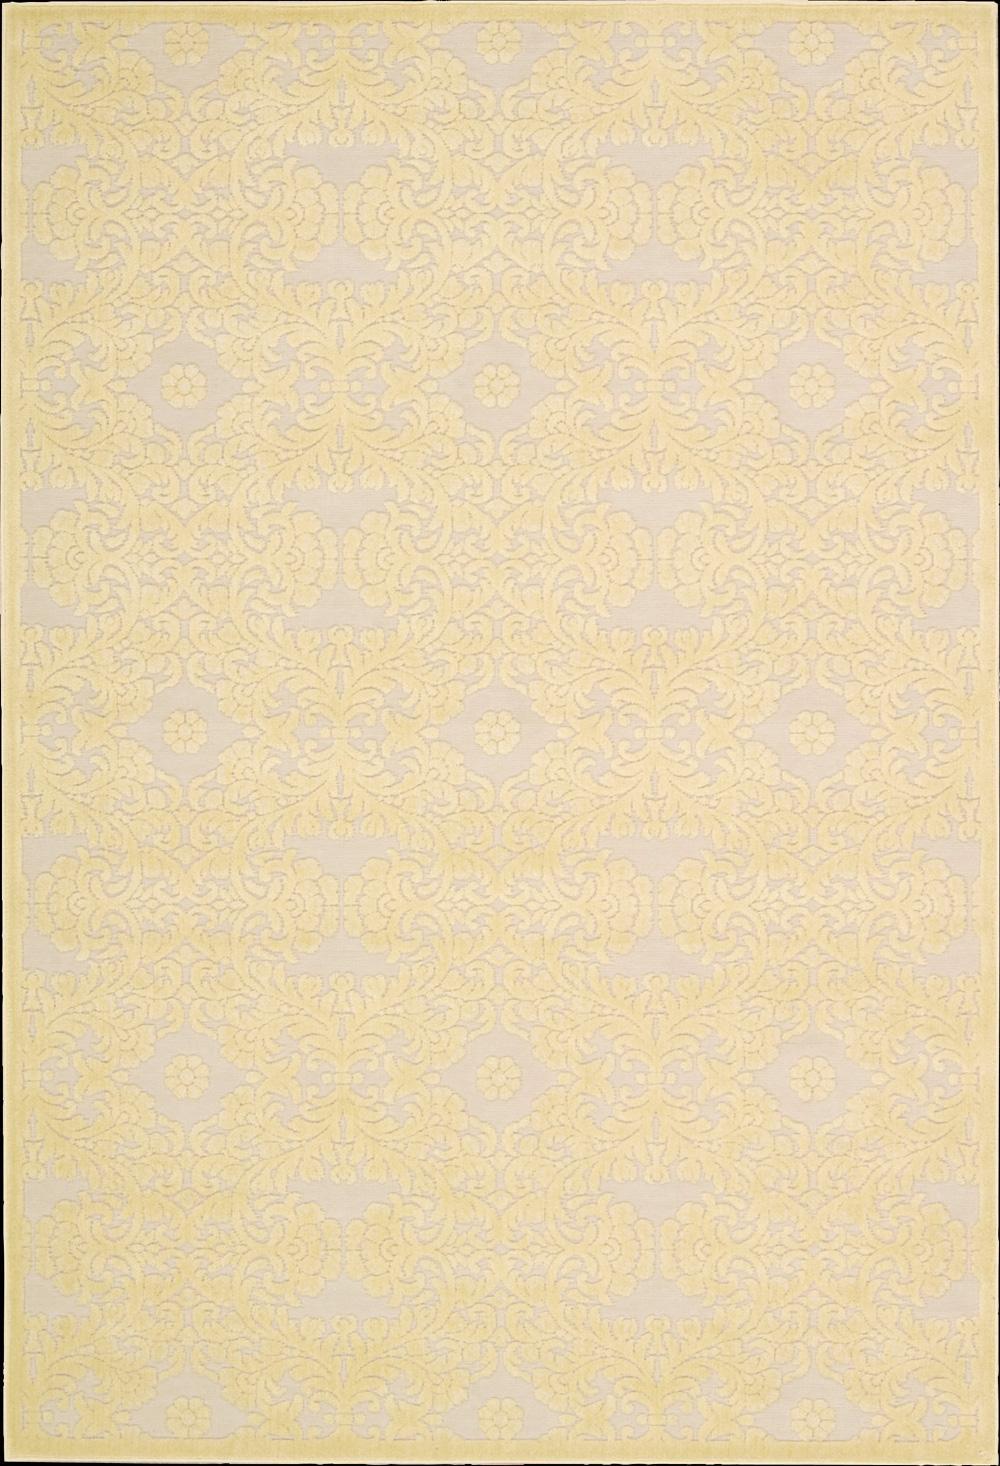 """Nourison Graphic Illusions Area Rug 7'9"""" x 10'10"""" - Item Number: 13148"""